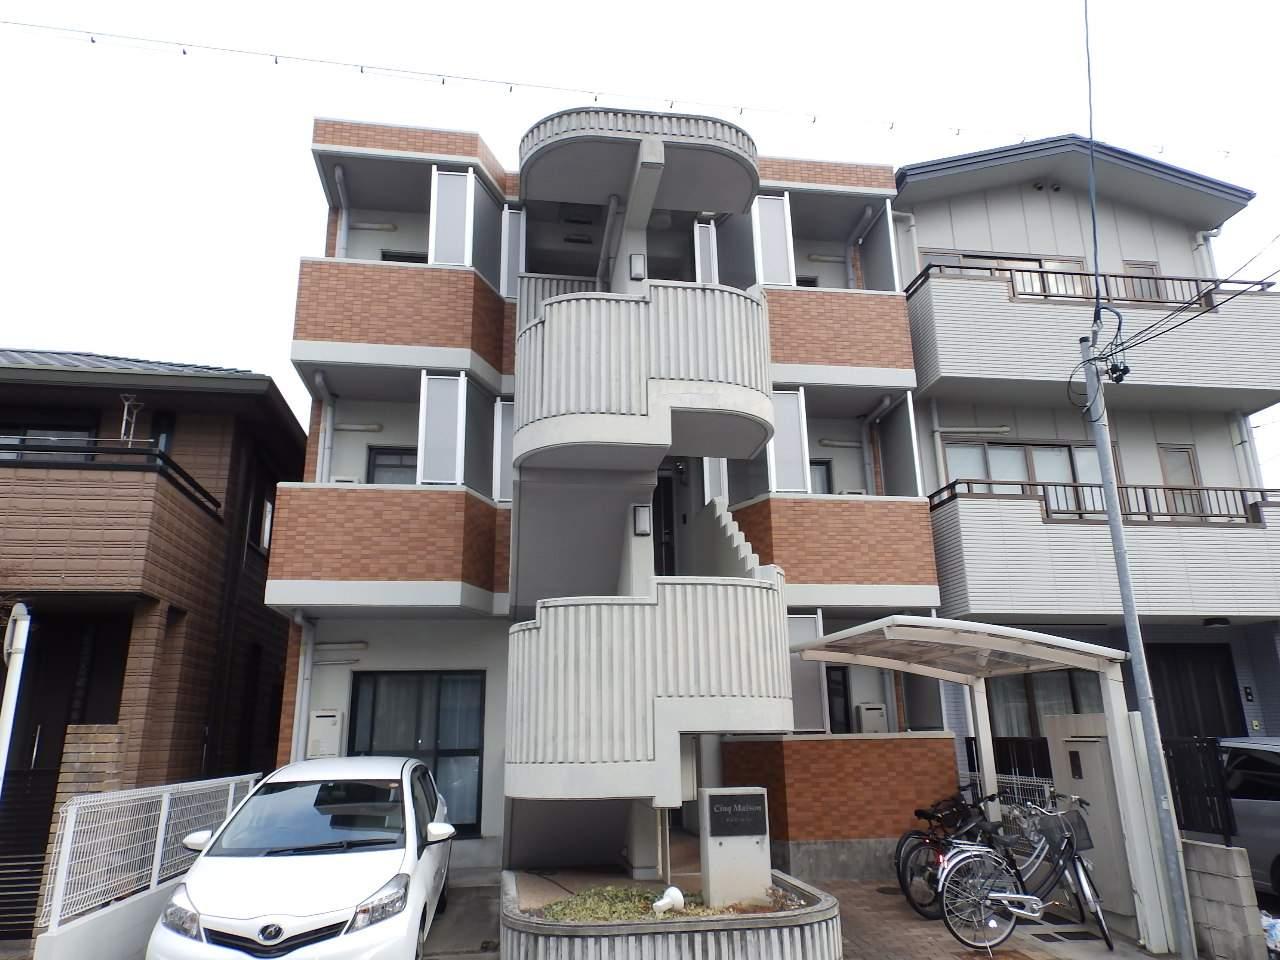 愛知県名古屋市昭和区、荒畑駅徒歩14分の築15年 3階建の賃貸マンション